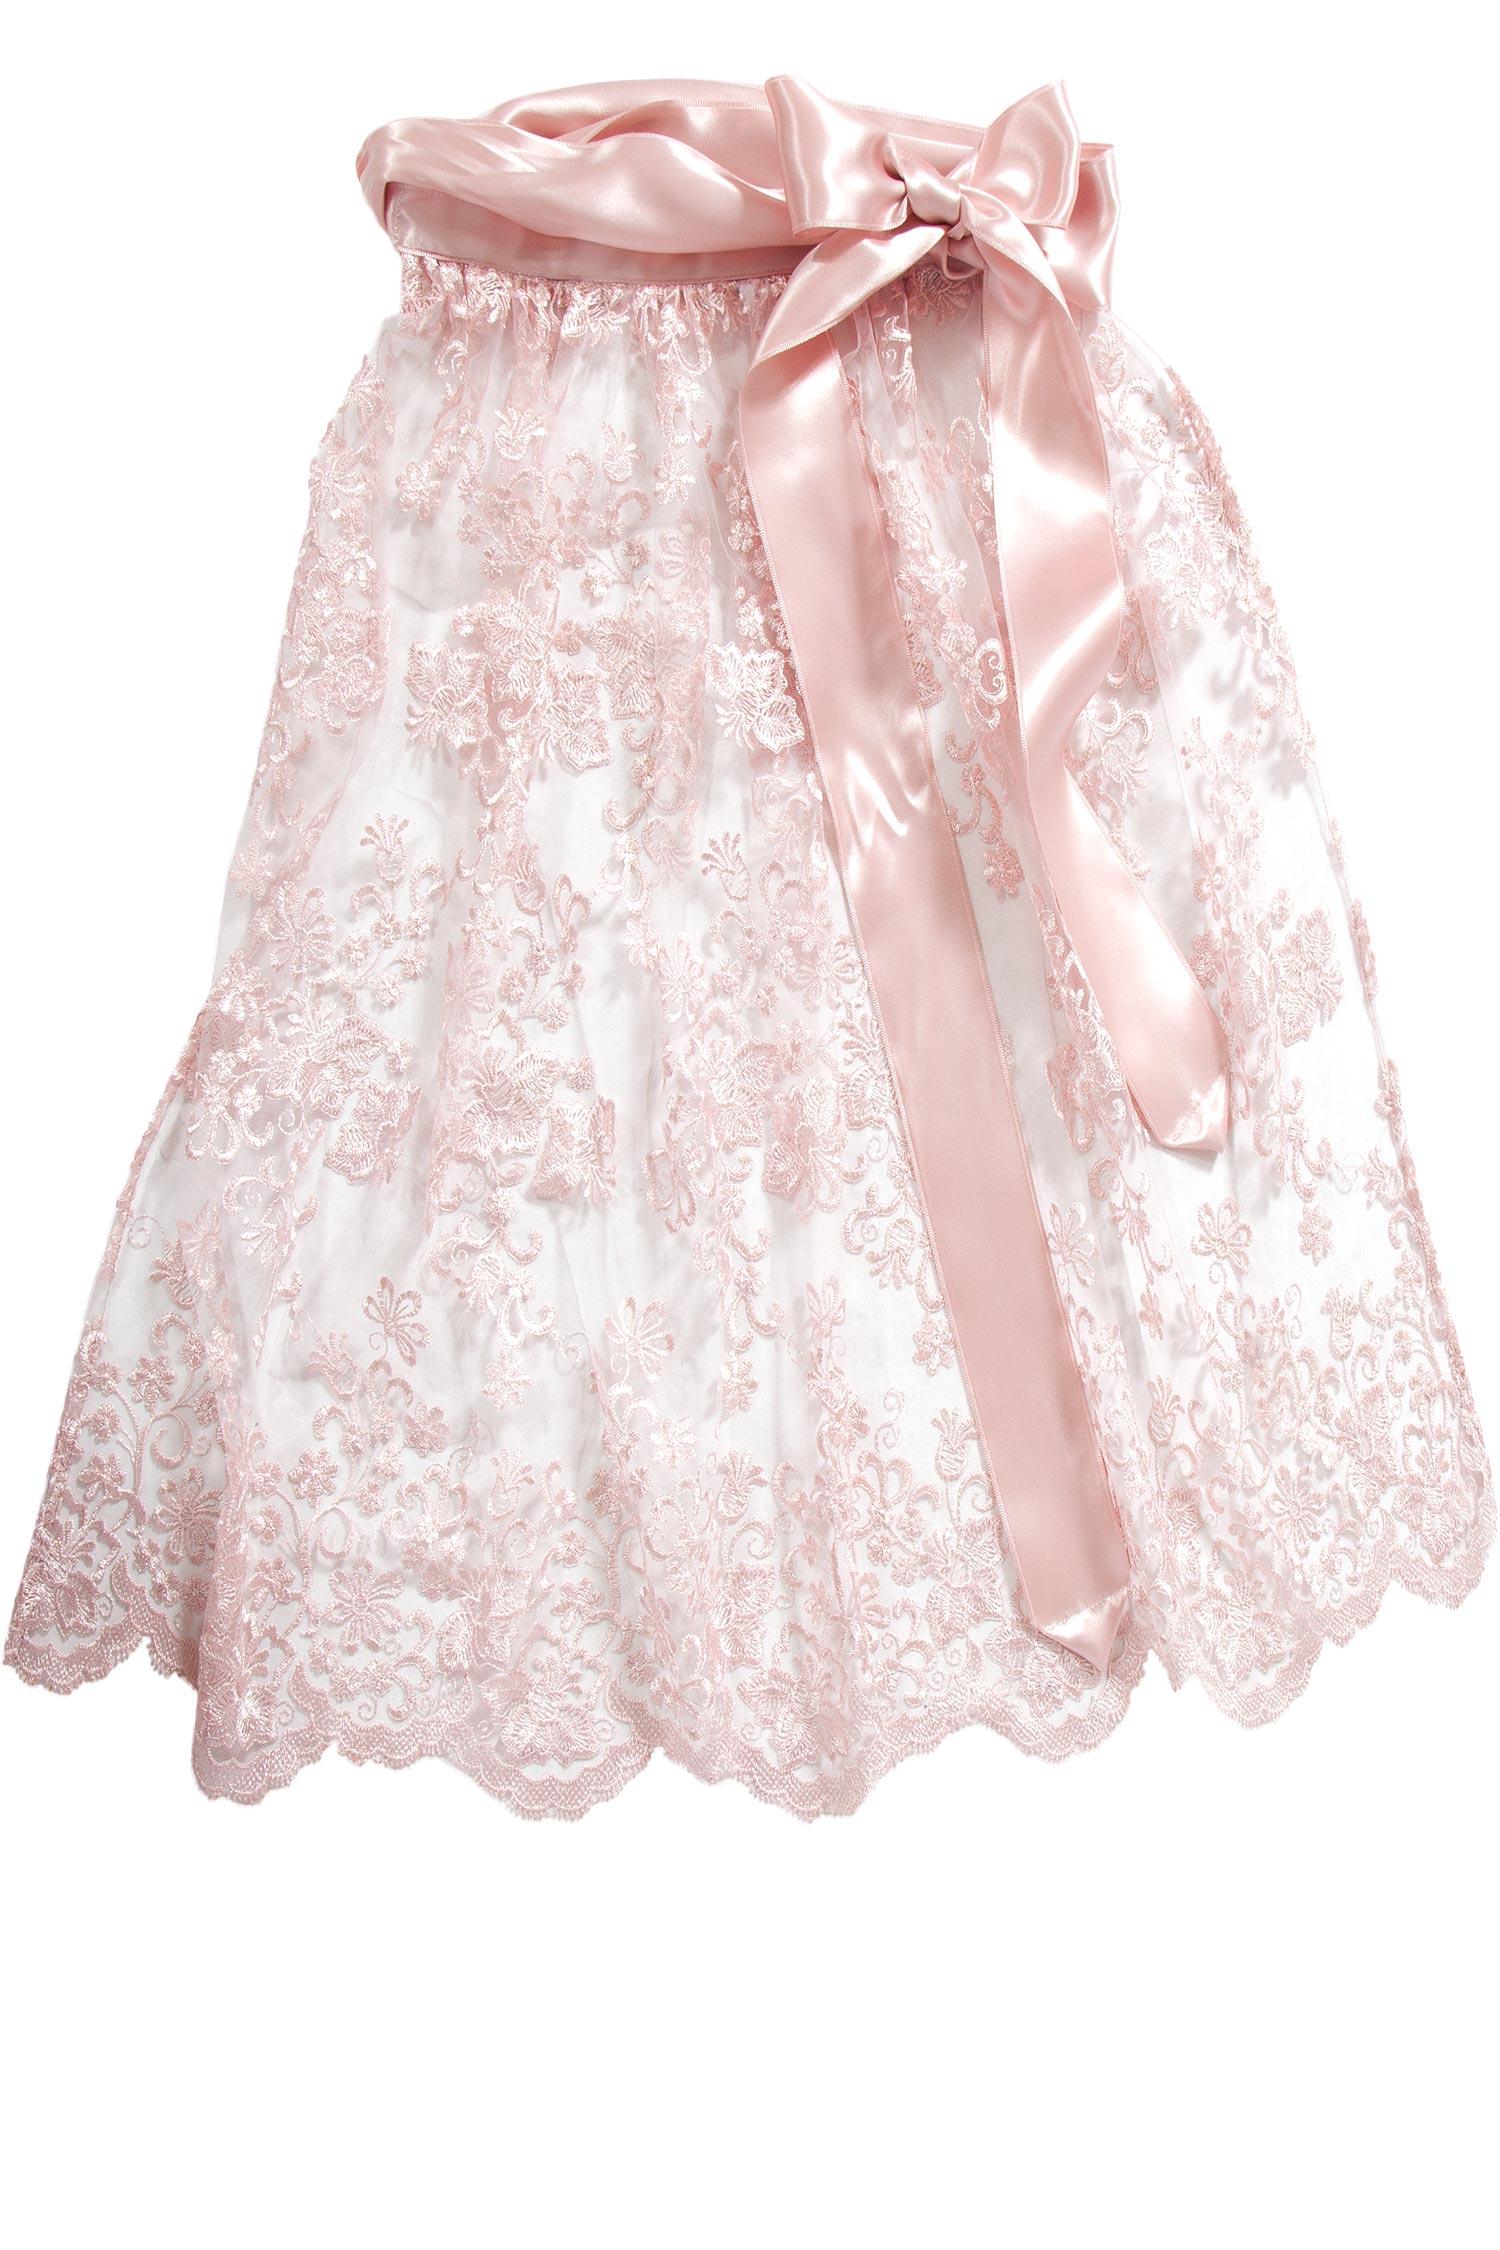 afe9fcf1b9c4c1 Dirndlschürze aus Spitze in rosa mit Schleife 60 cm | Wirkes